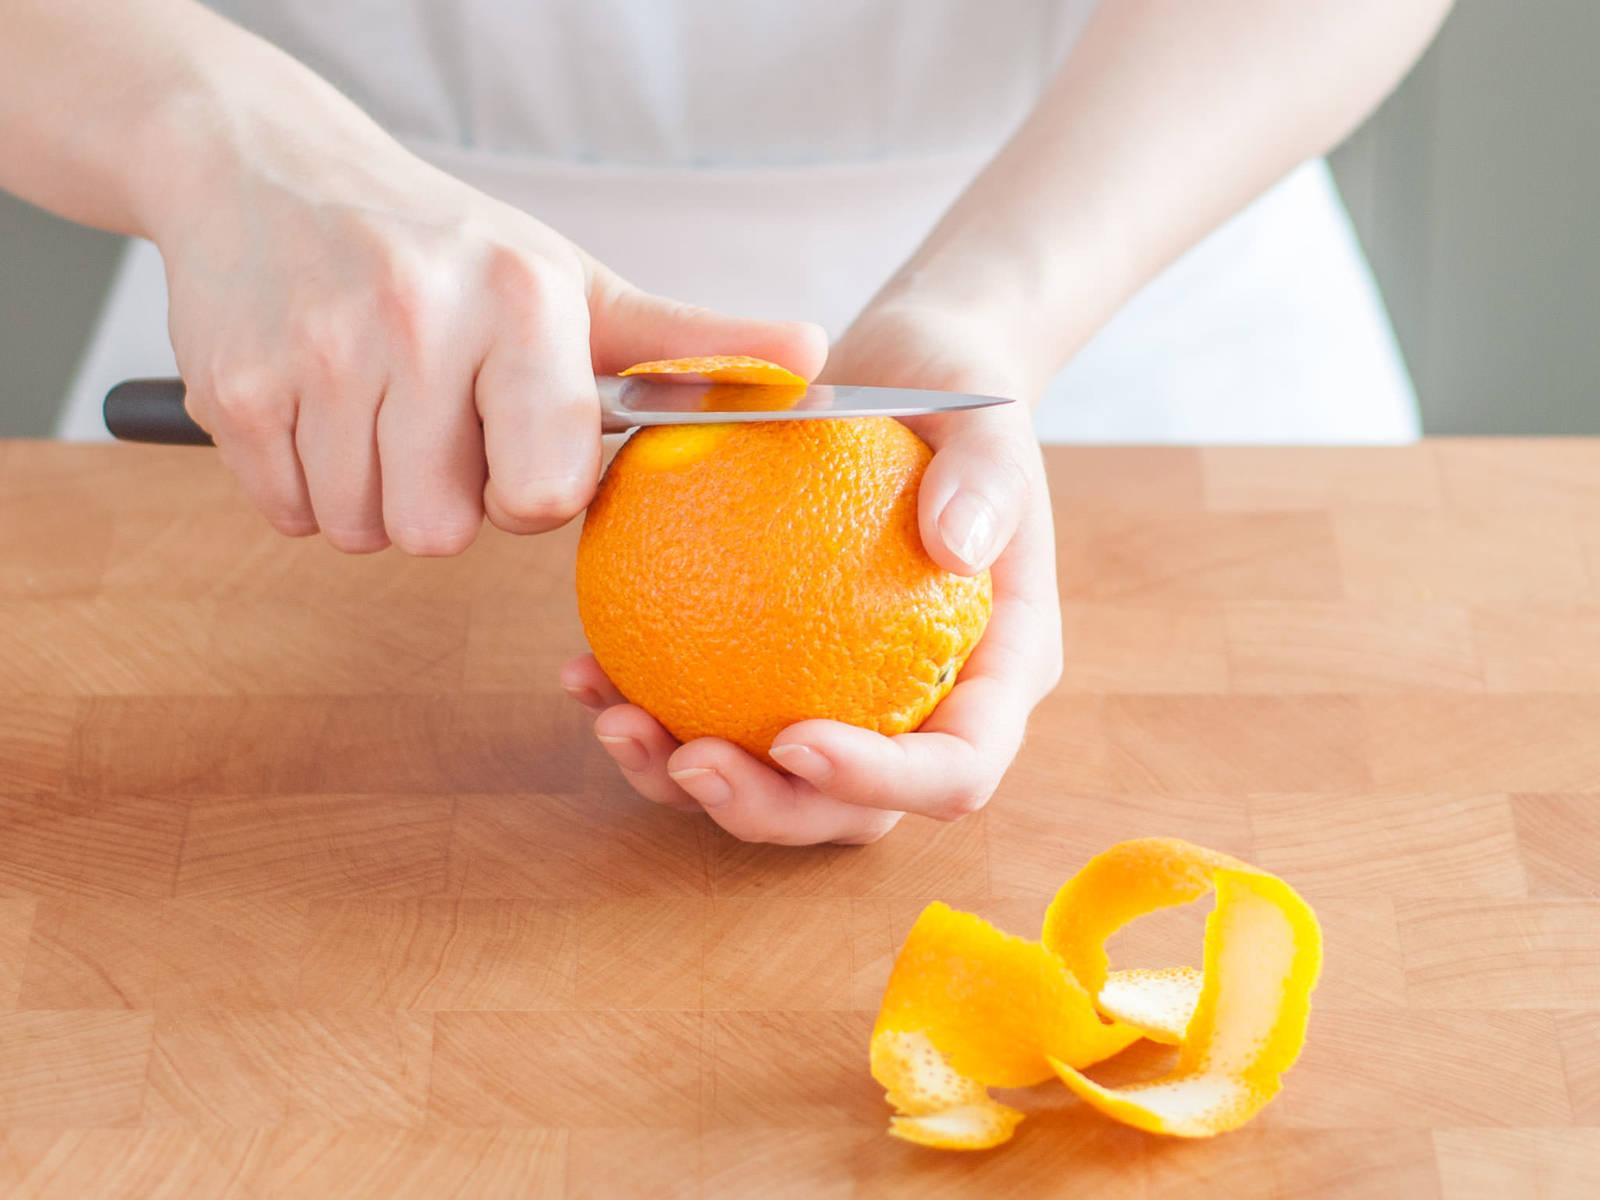 切下两片橘子。